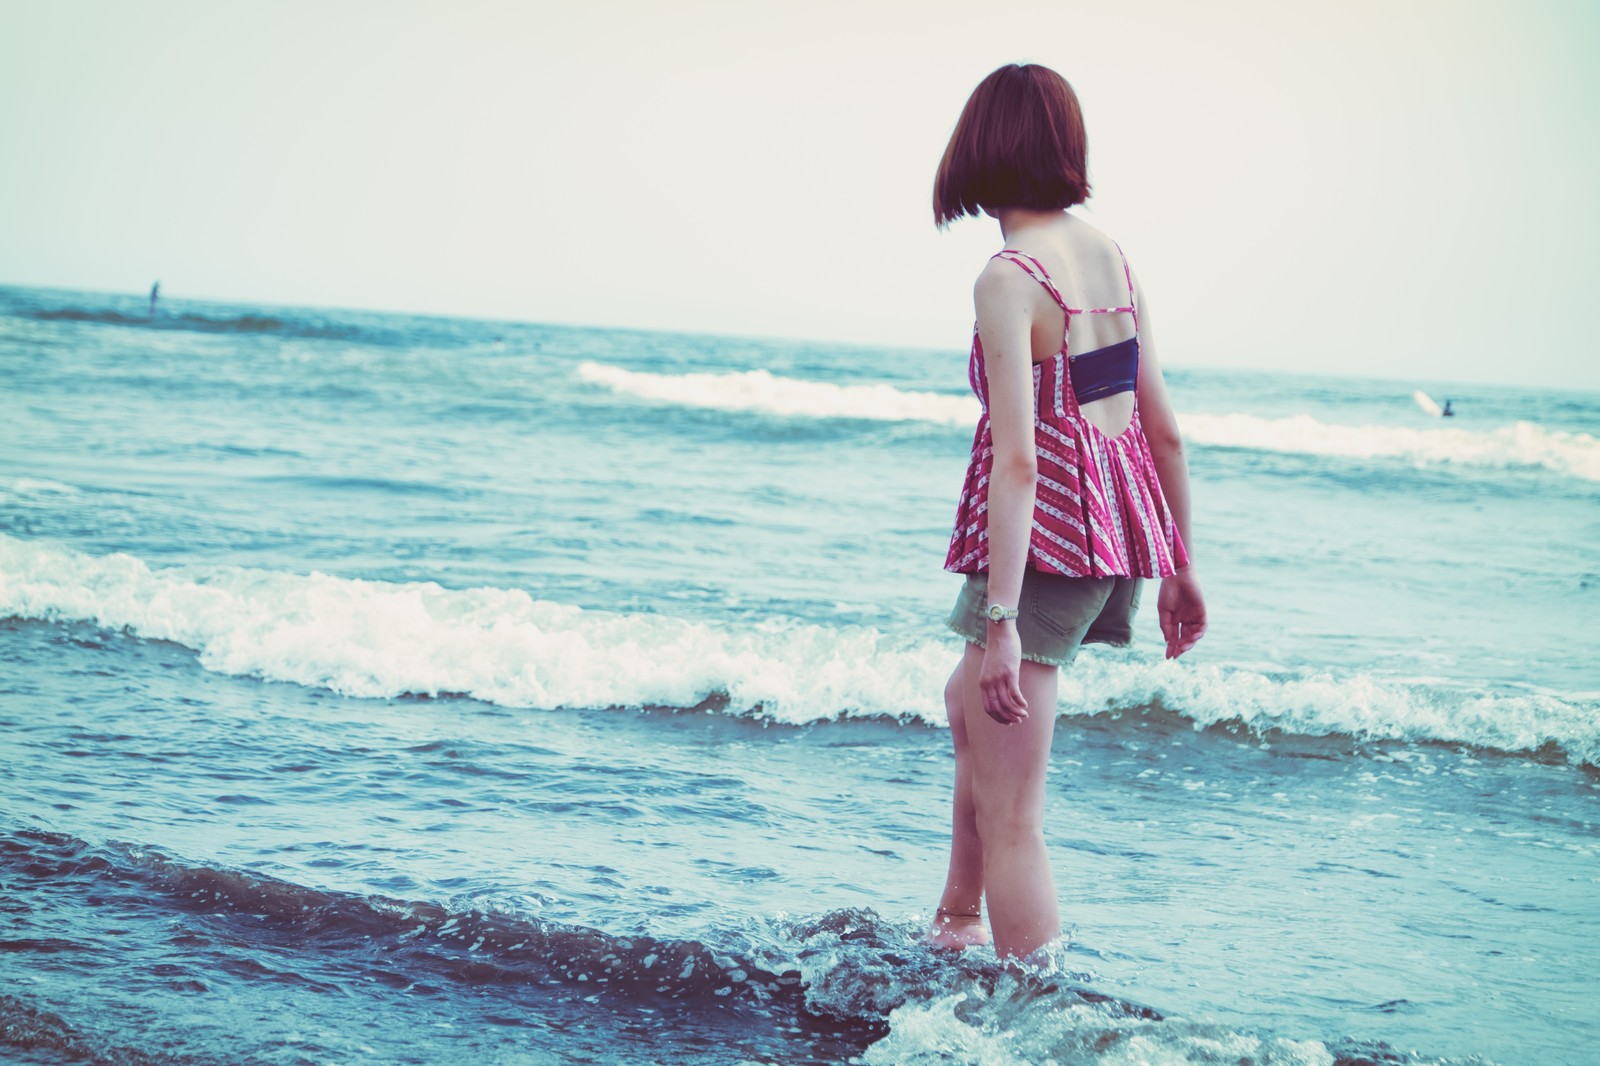 「海の波と浅瀬を歩く若い女性」の写真